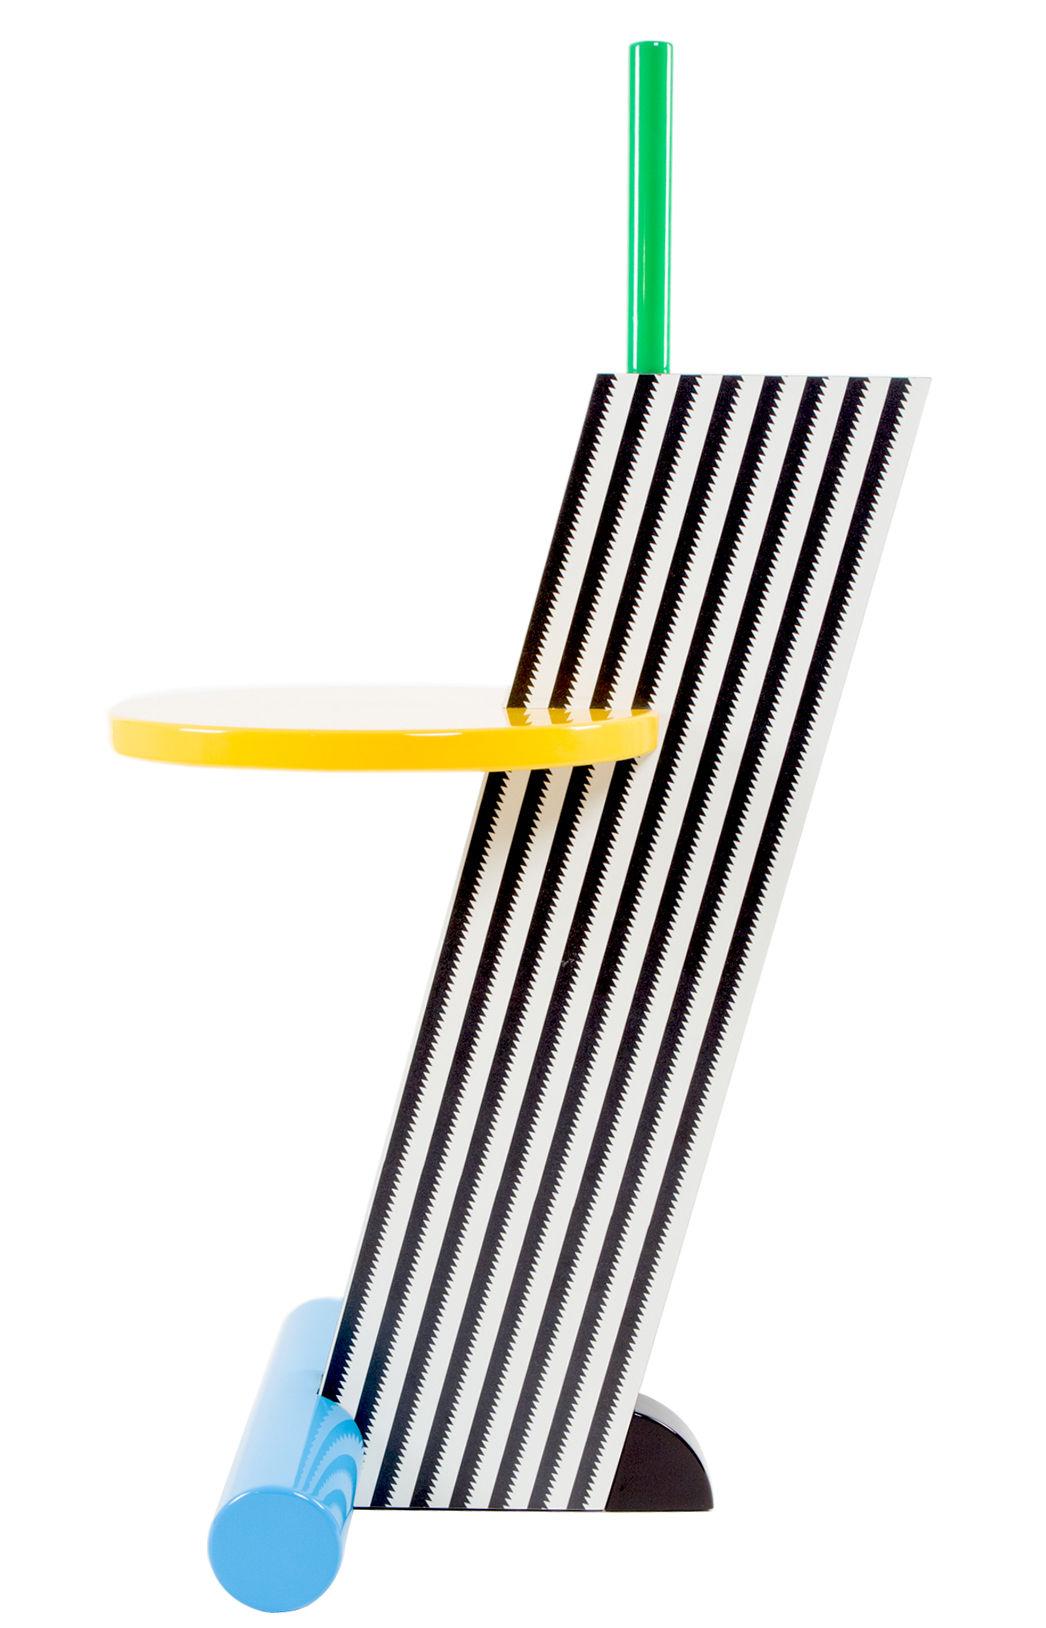 Möbel - Couchtische - Flamingo Beistelltisch von Michele De Lucchi / 1984 - Memphis Milano - Mehrfarbig - lackiertes Holz, Laminé plastique